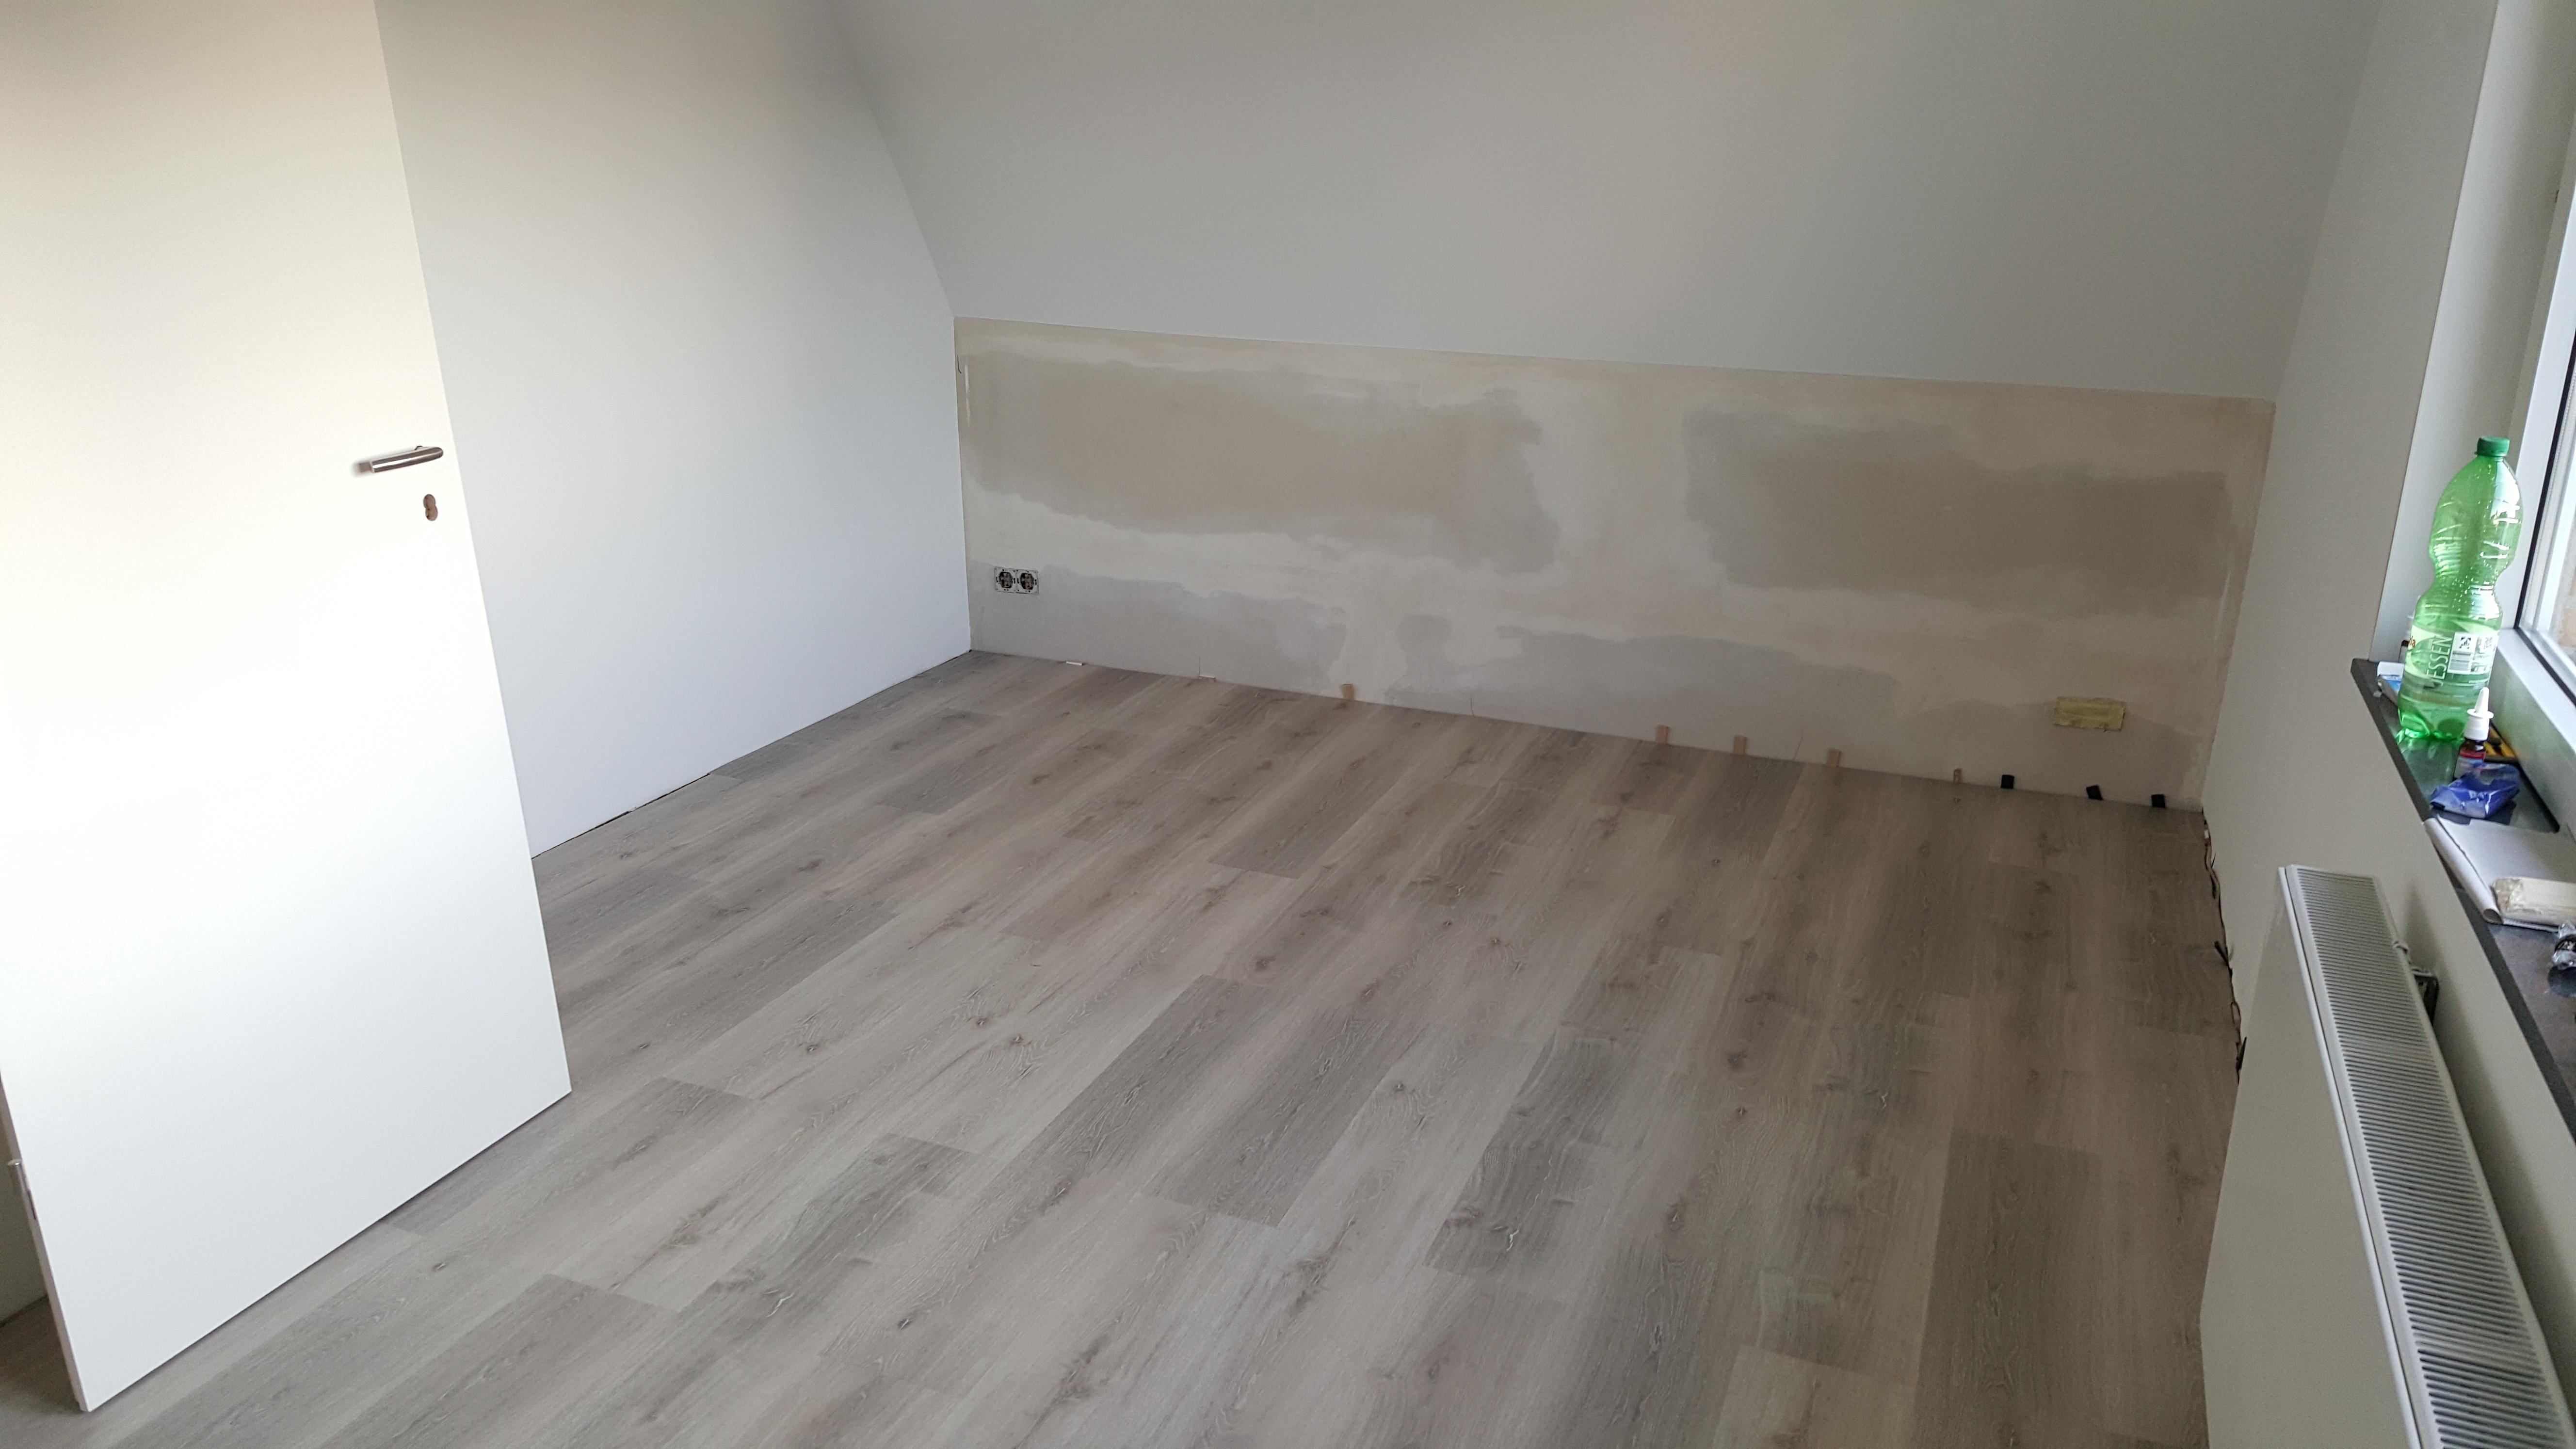 Welcher Fußboden Im Schlafzimmer ~ Das schlafzimmer fußboden